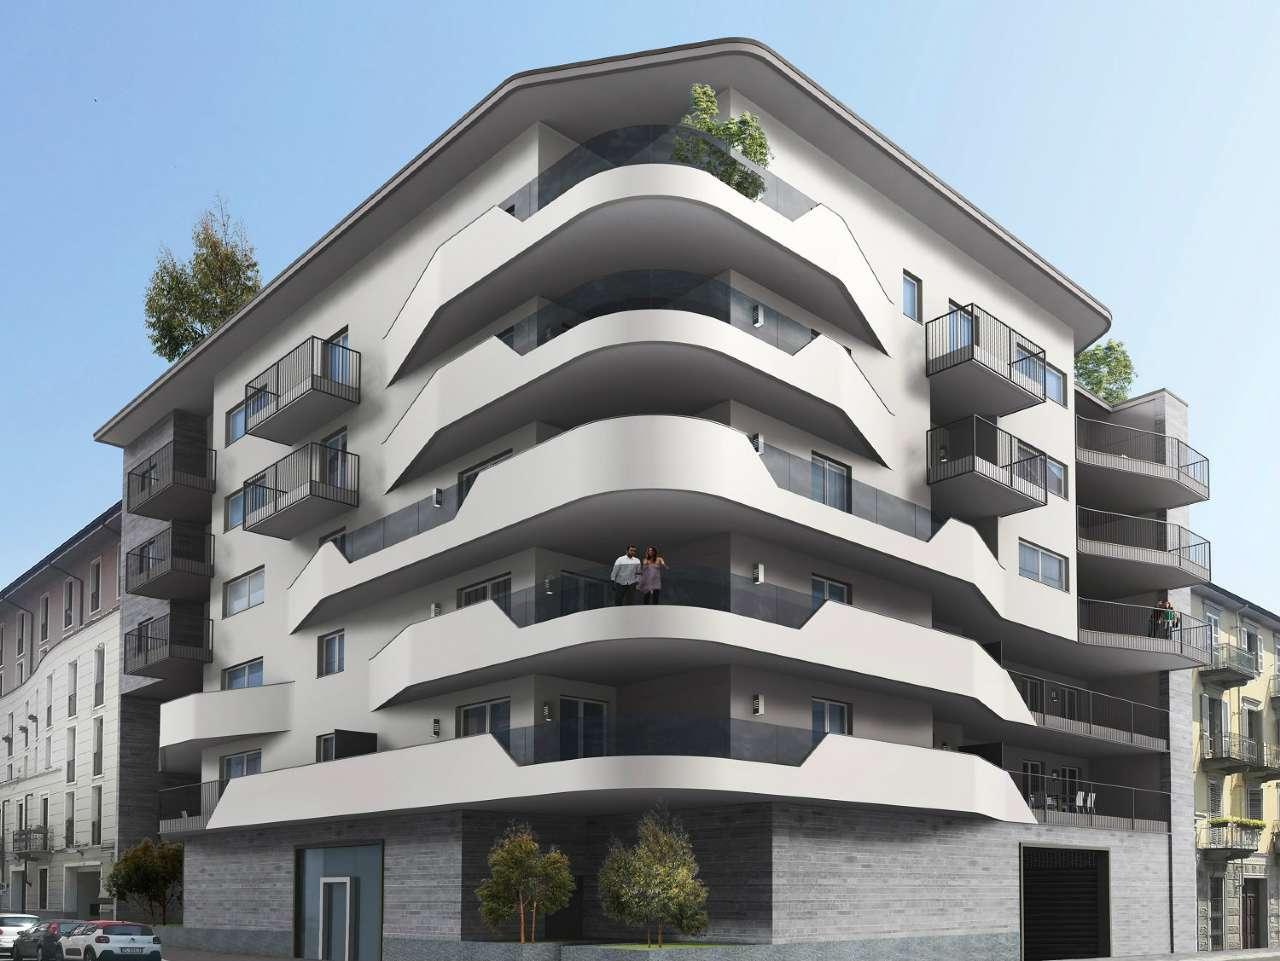 Attico / Mansarda in vendita a Torino, 5 locali, zona Regio Parco, Vanchiglia, Lungo Po, Vanchiglietta, prezzo € 652.000   PortaleAgenzieImmobiliari.it